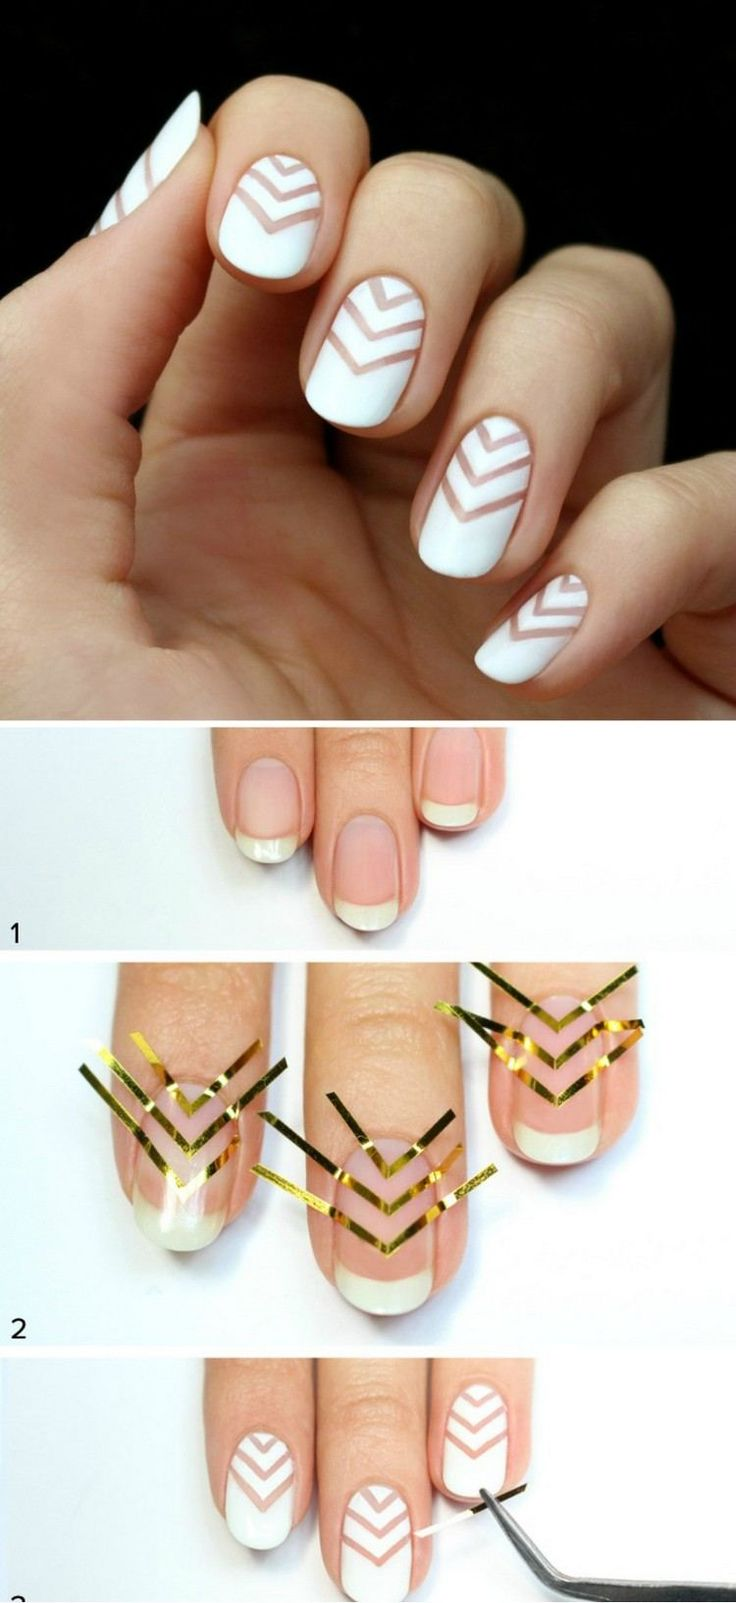 déco ongle facile et créative - le motif chevron sur les ongles blanches